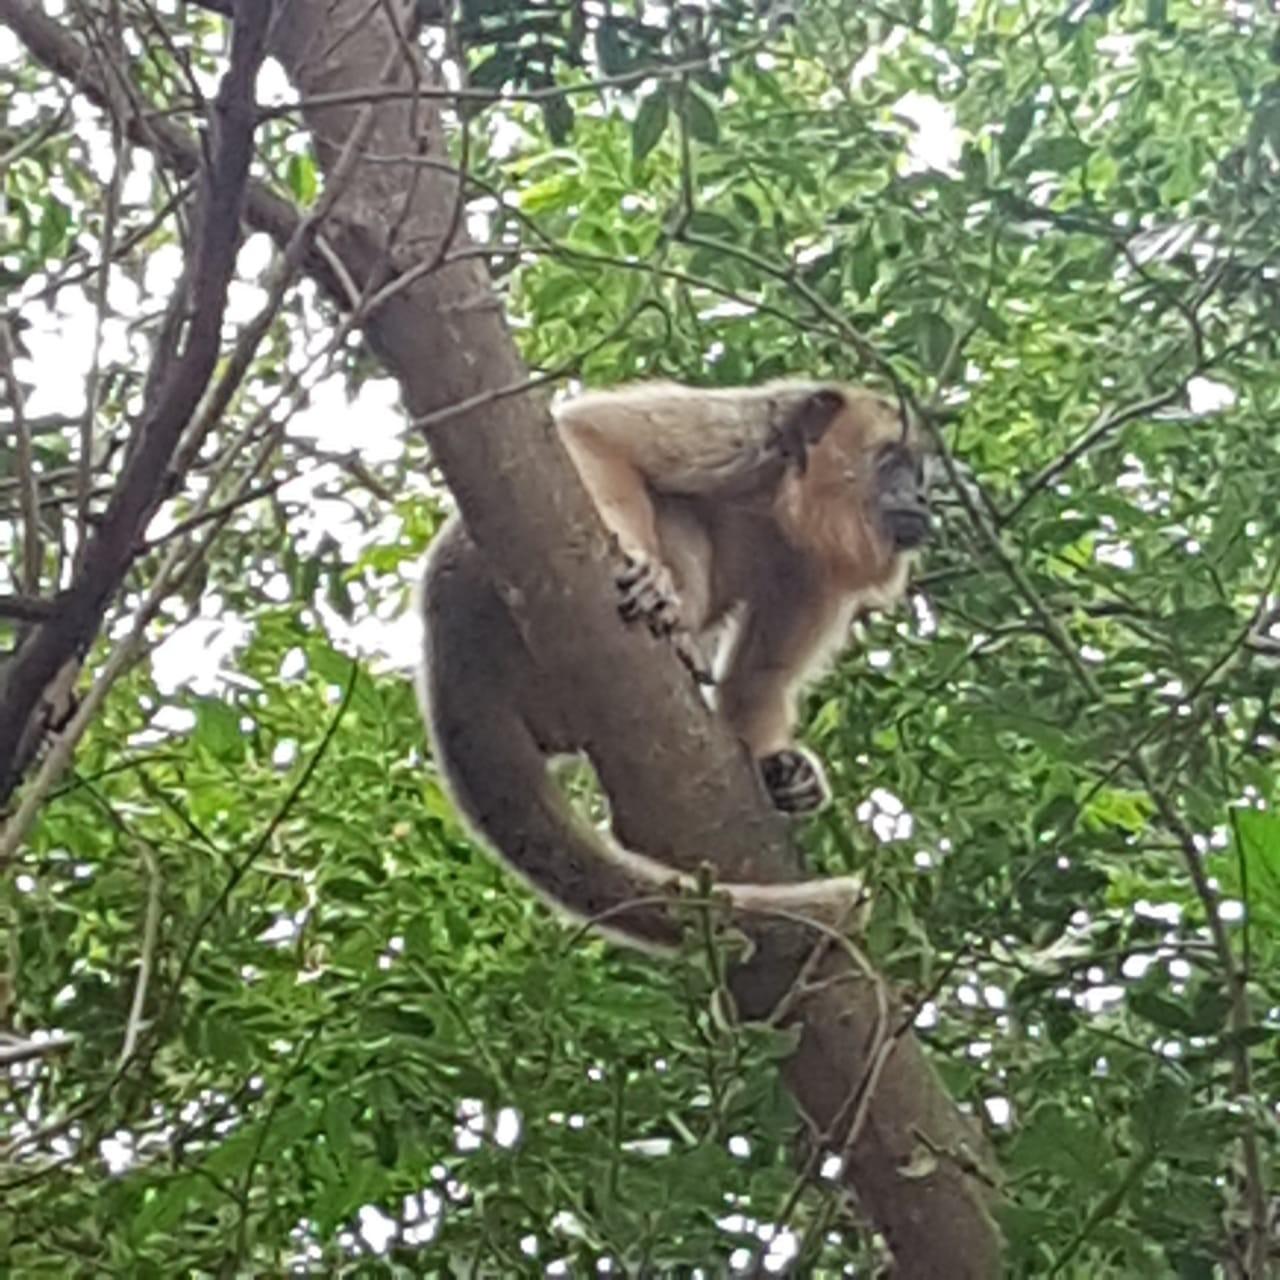 Presença de bugios na área urbana de Presidente Venceslau atrai curiosos, mas biólogo alerta para riscos da interação humana com os animais: 'Isso está errado!'